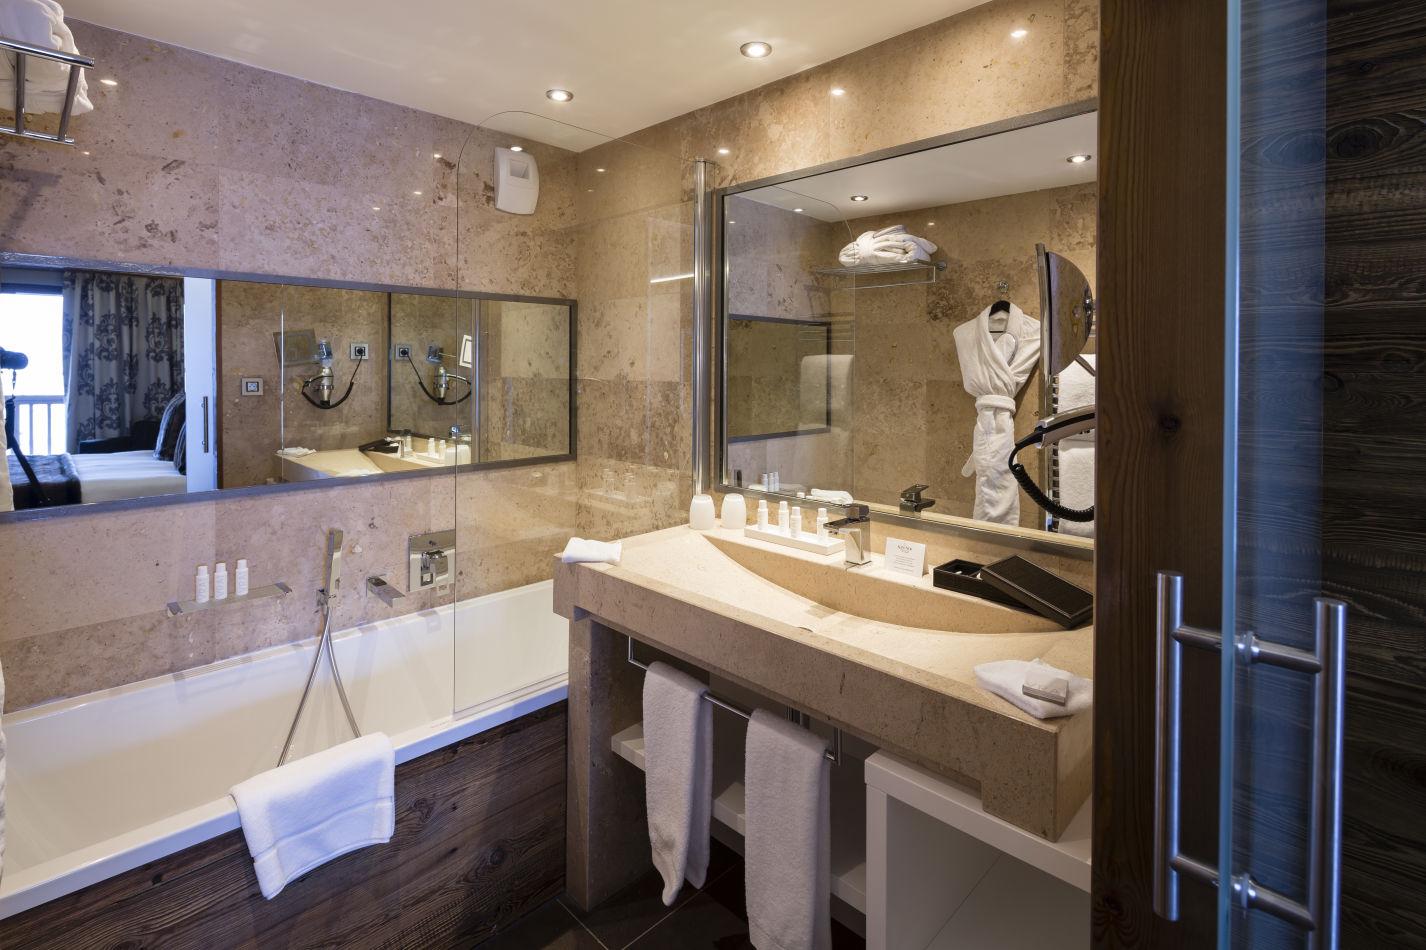 privivilege-room-bathroom